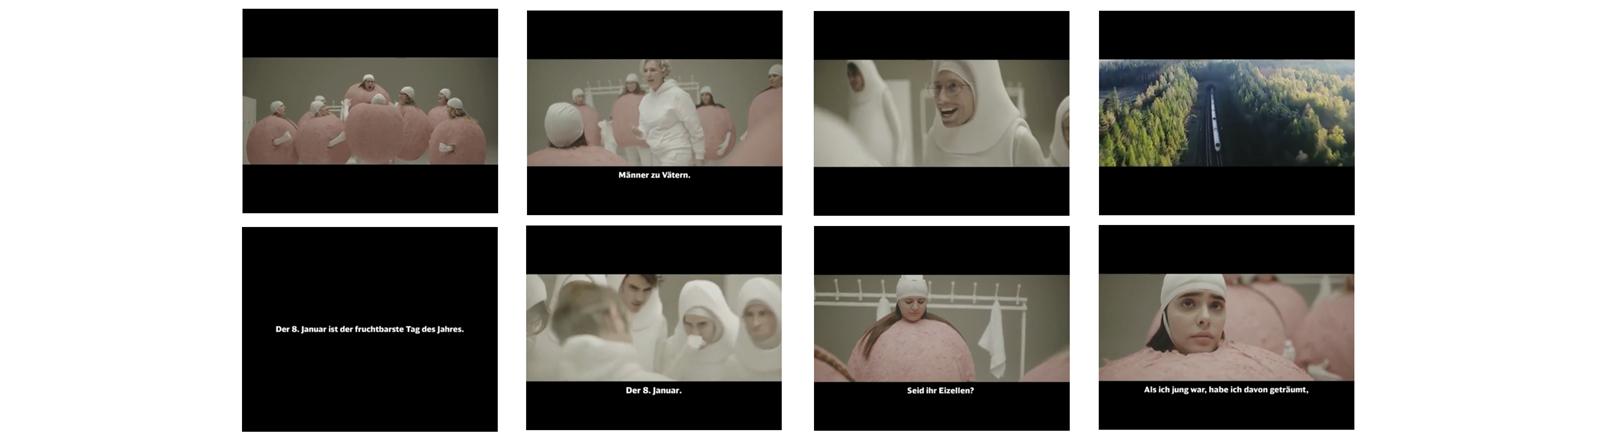 Aufgeregte Spermien und hüpfende Eizellen: Szenen aus dem Bahn-Werbespot